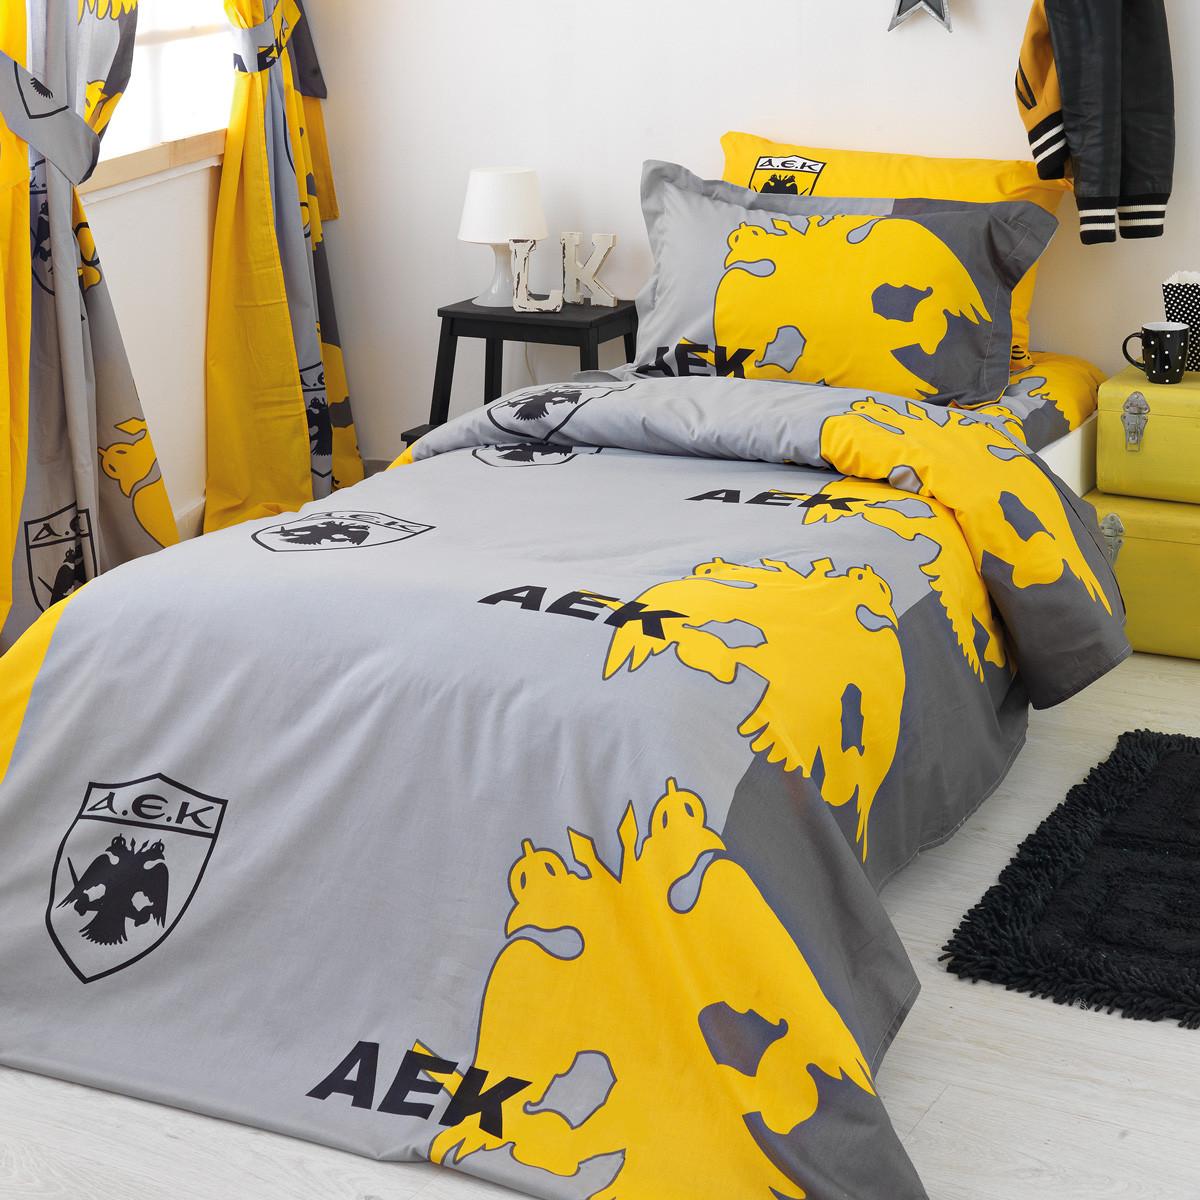 Σεντόνια Μονά (Σετ) Palamaiki AEK FC/2 ΜΕ ΛΑΣΤΙΧΟ 110×200+30 ΜΕ ΛΑΣΤΙΧΟ 110×200+30